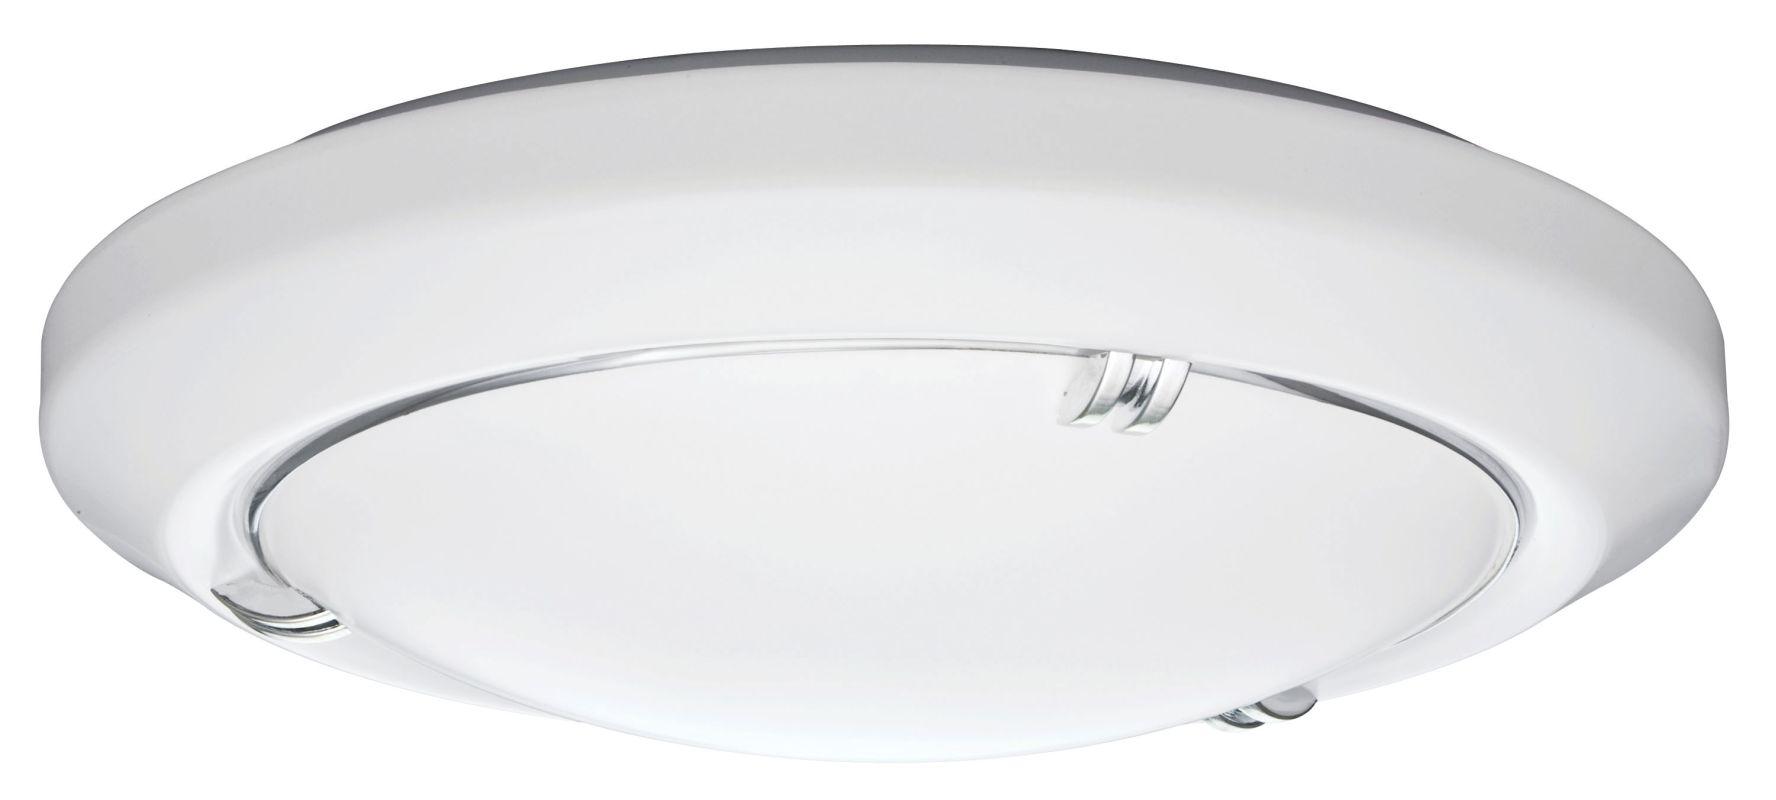 """Lithonia Lighting FMVELL 14 20840 M4 Vela 14"""" Flush Mount 4000K LED"""